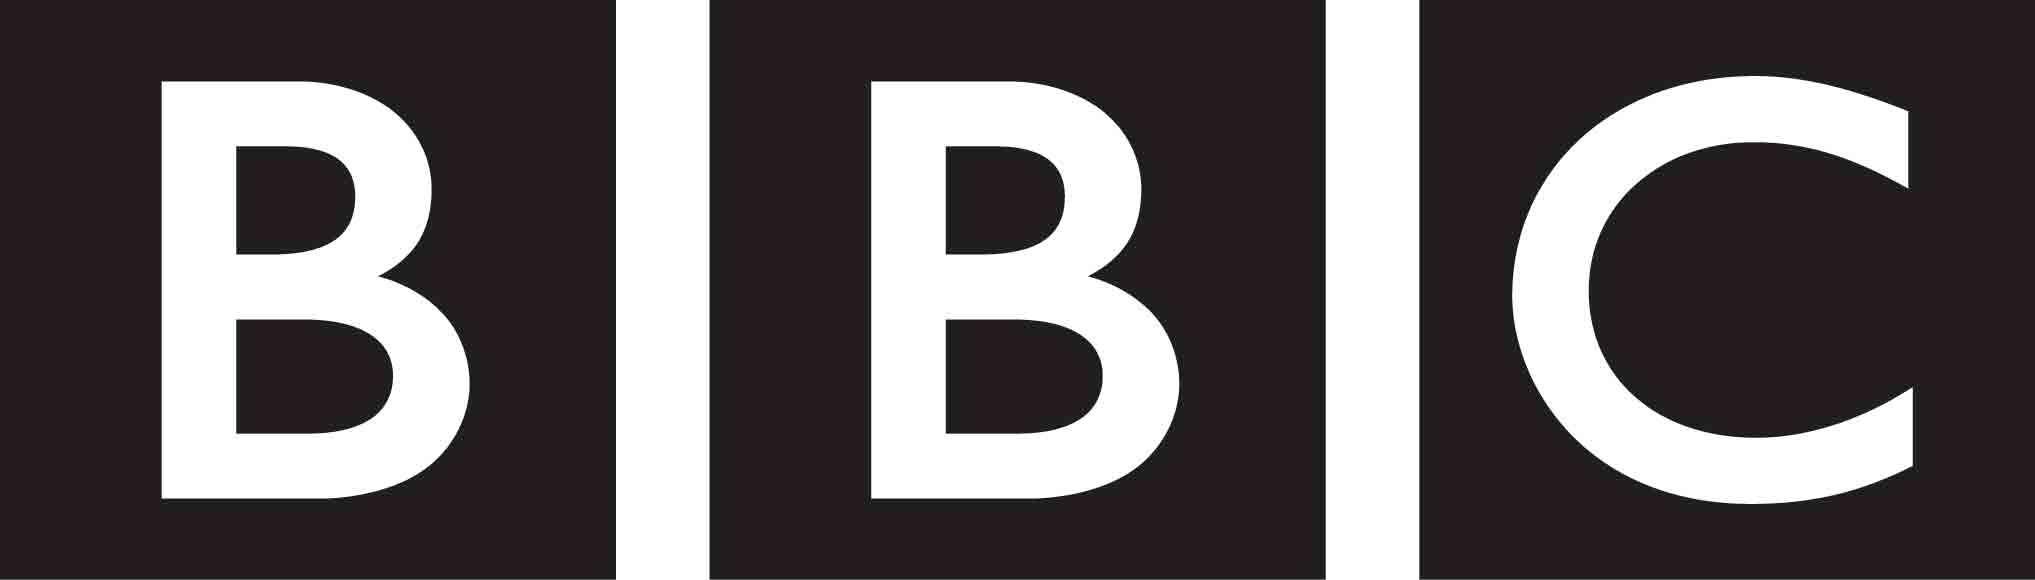 5420781c83d9857b2470553e_bbc-logo.jpg